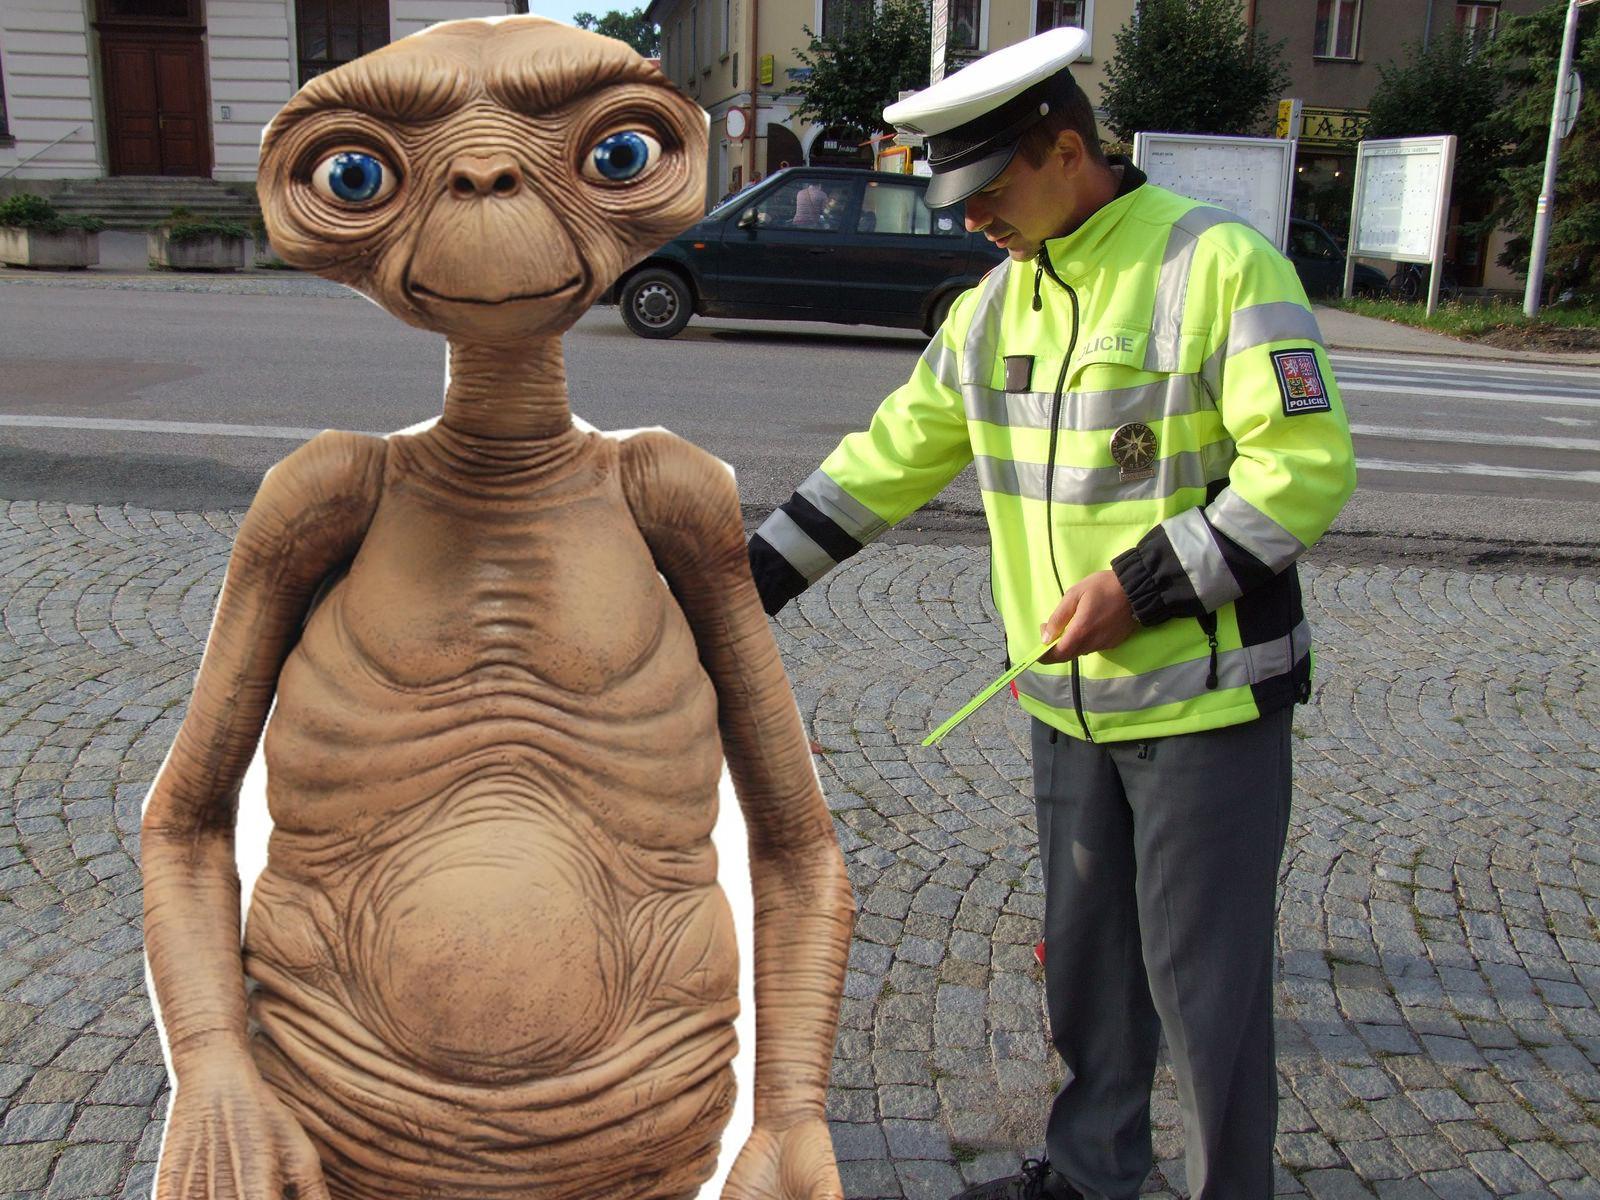 Strážmistr Věcheta právě dává mimozemšťánkovi babu!